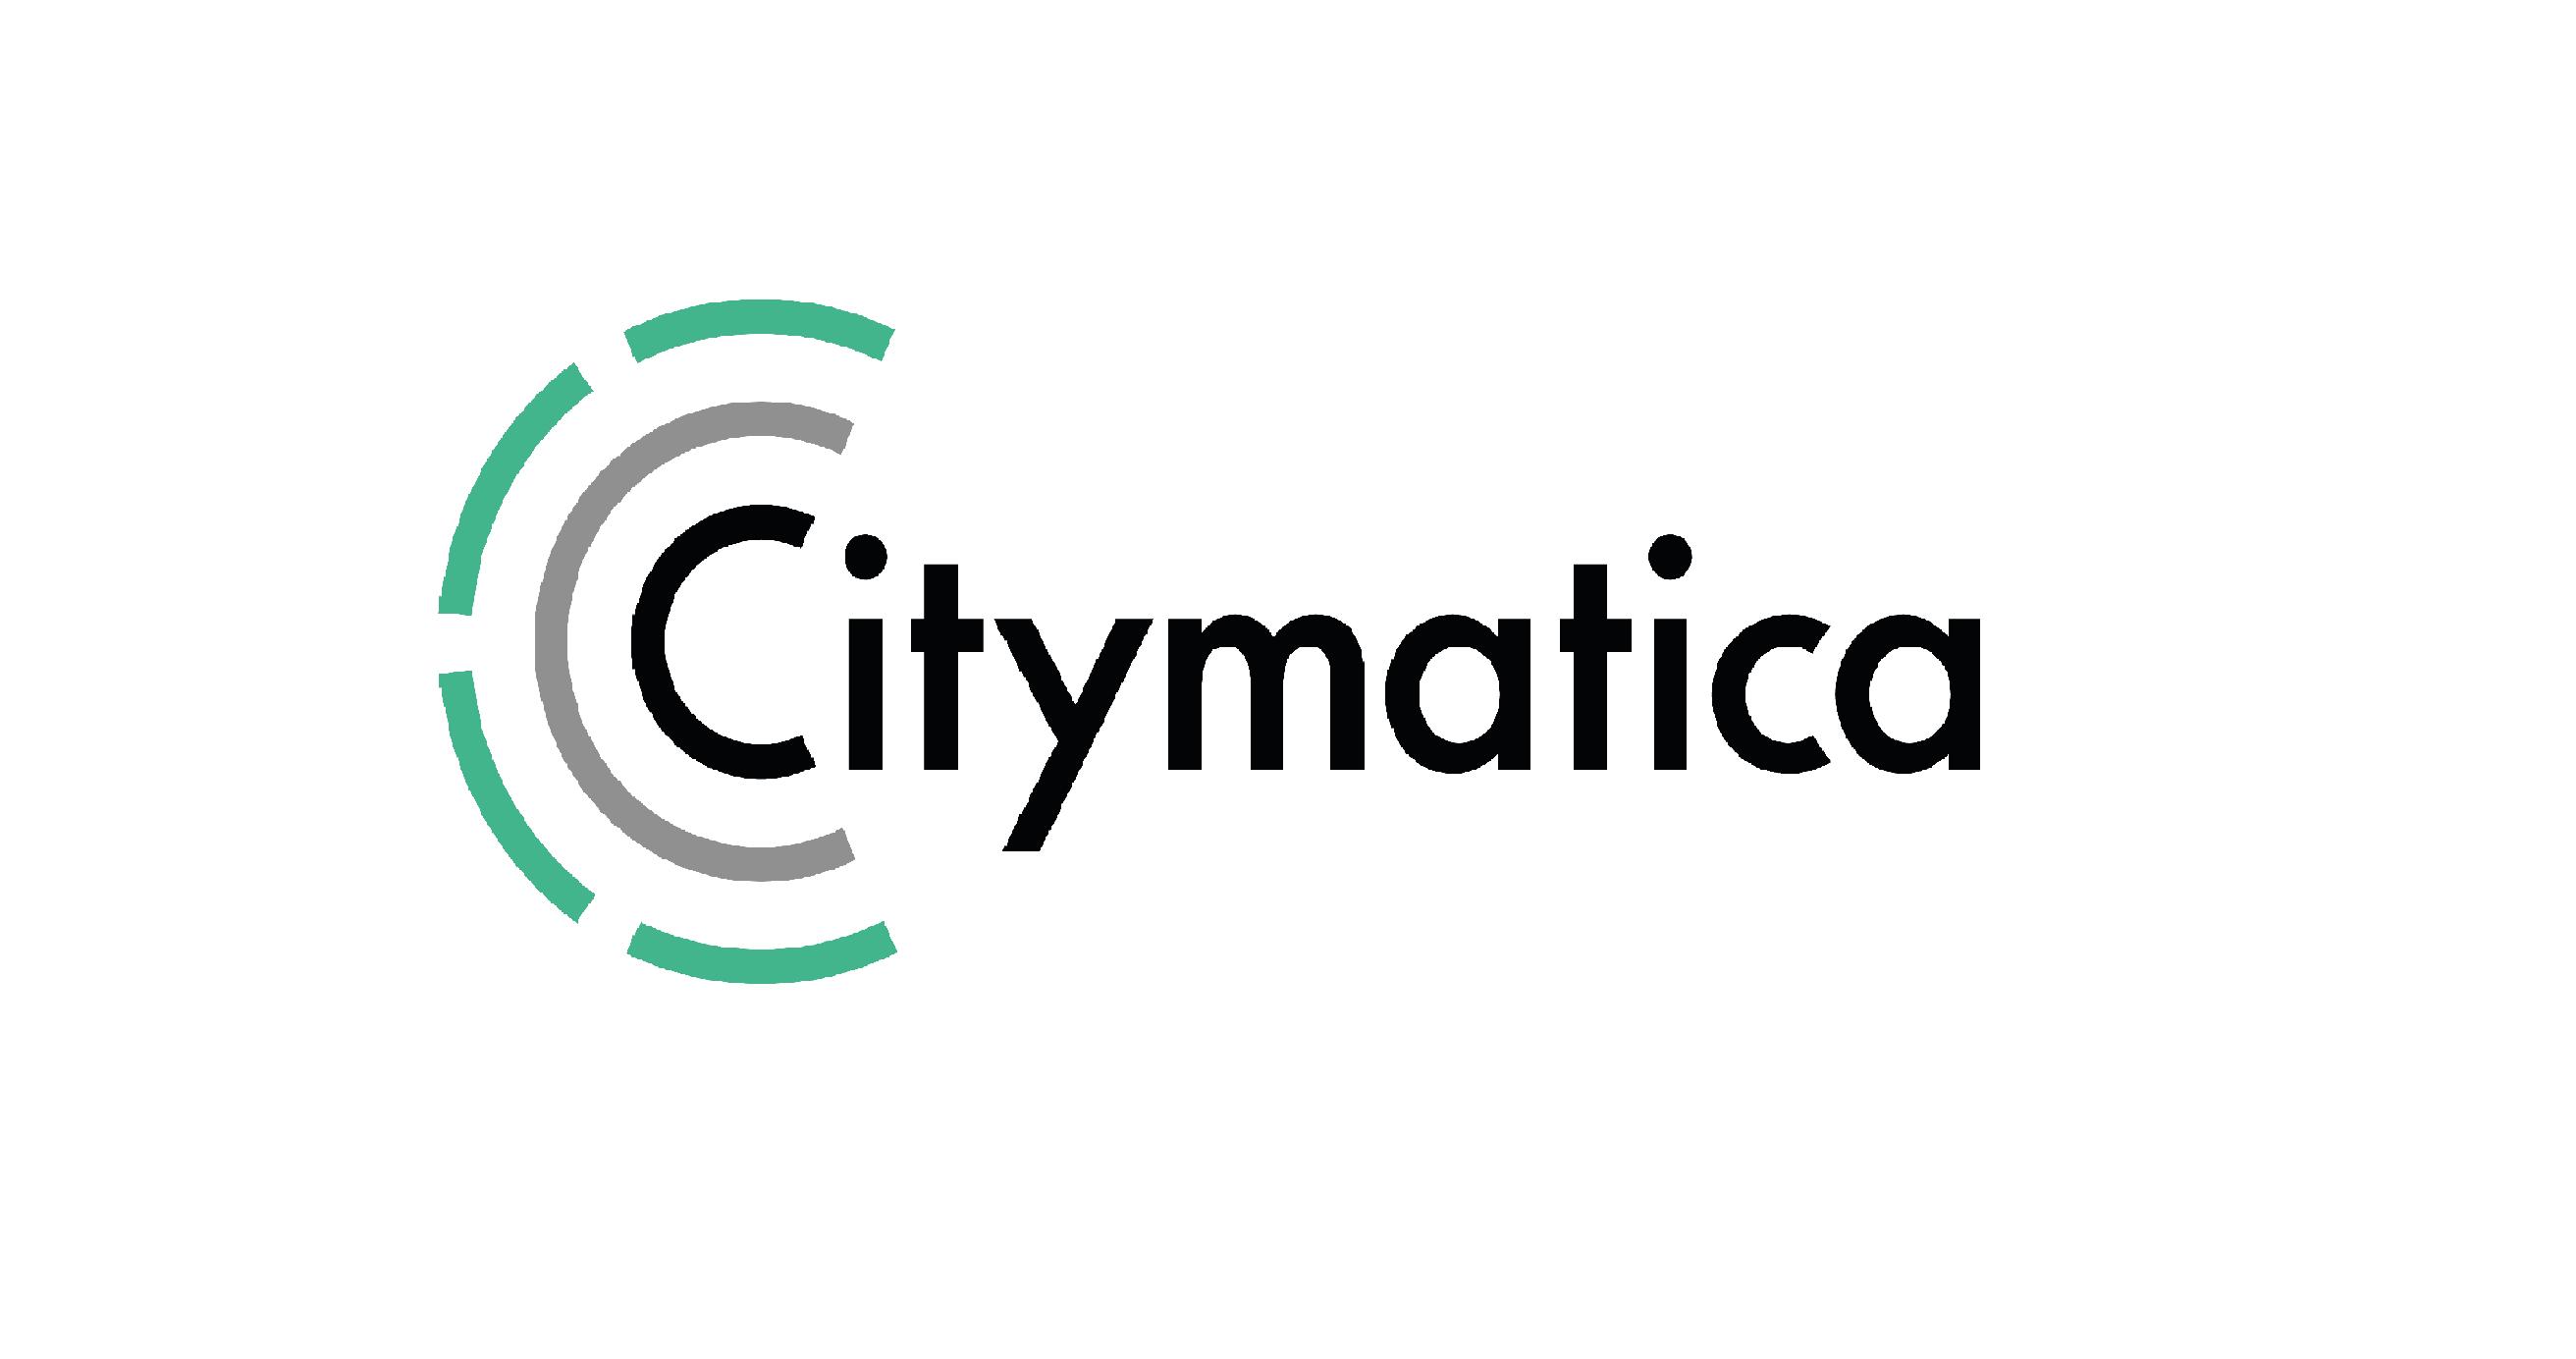 Citymatica